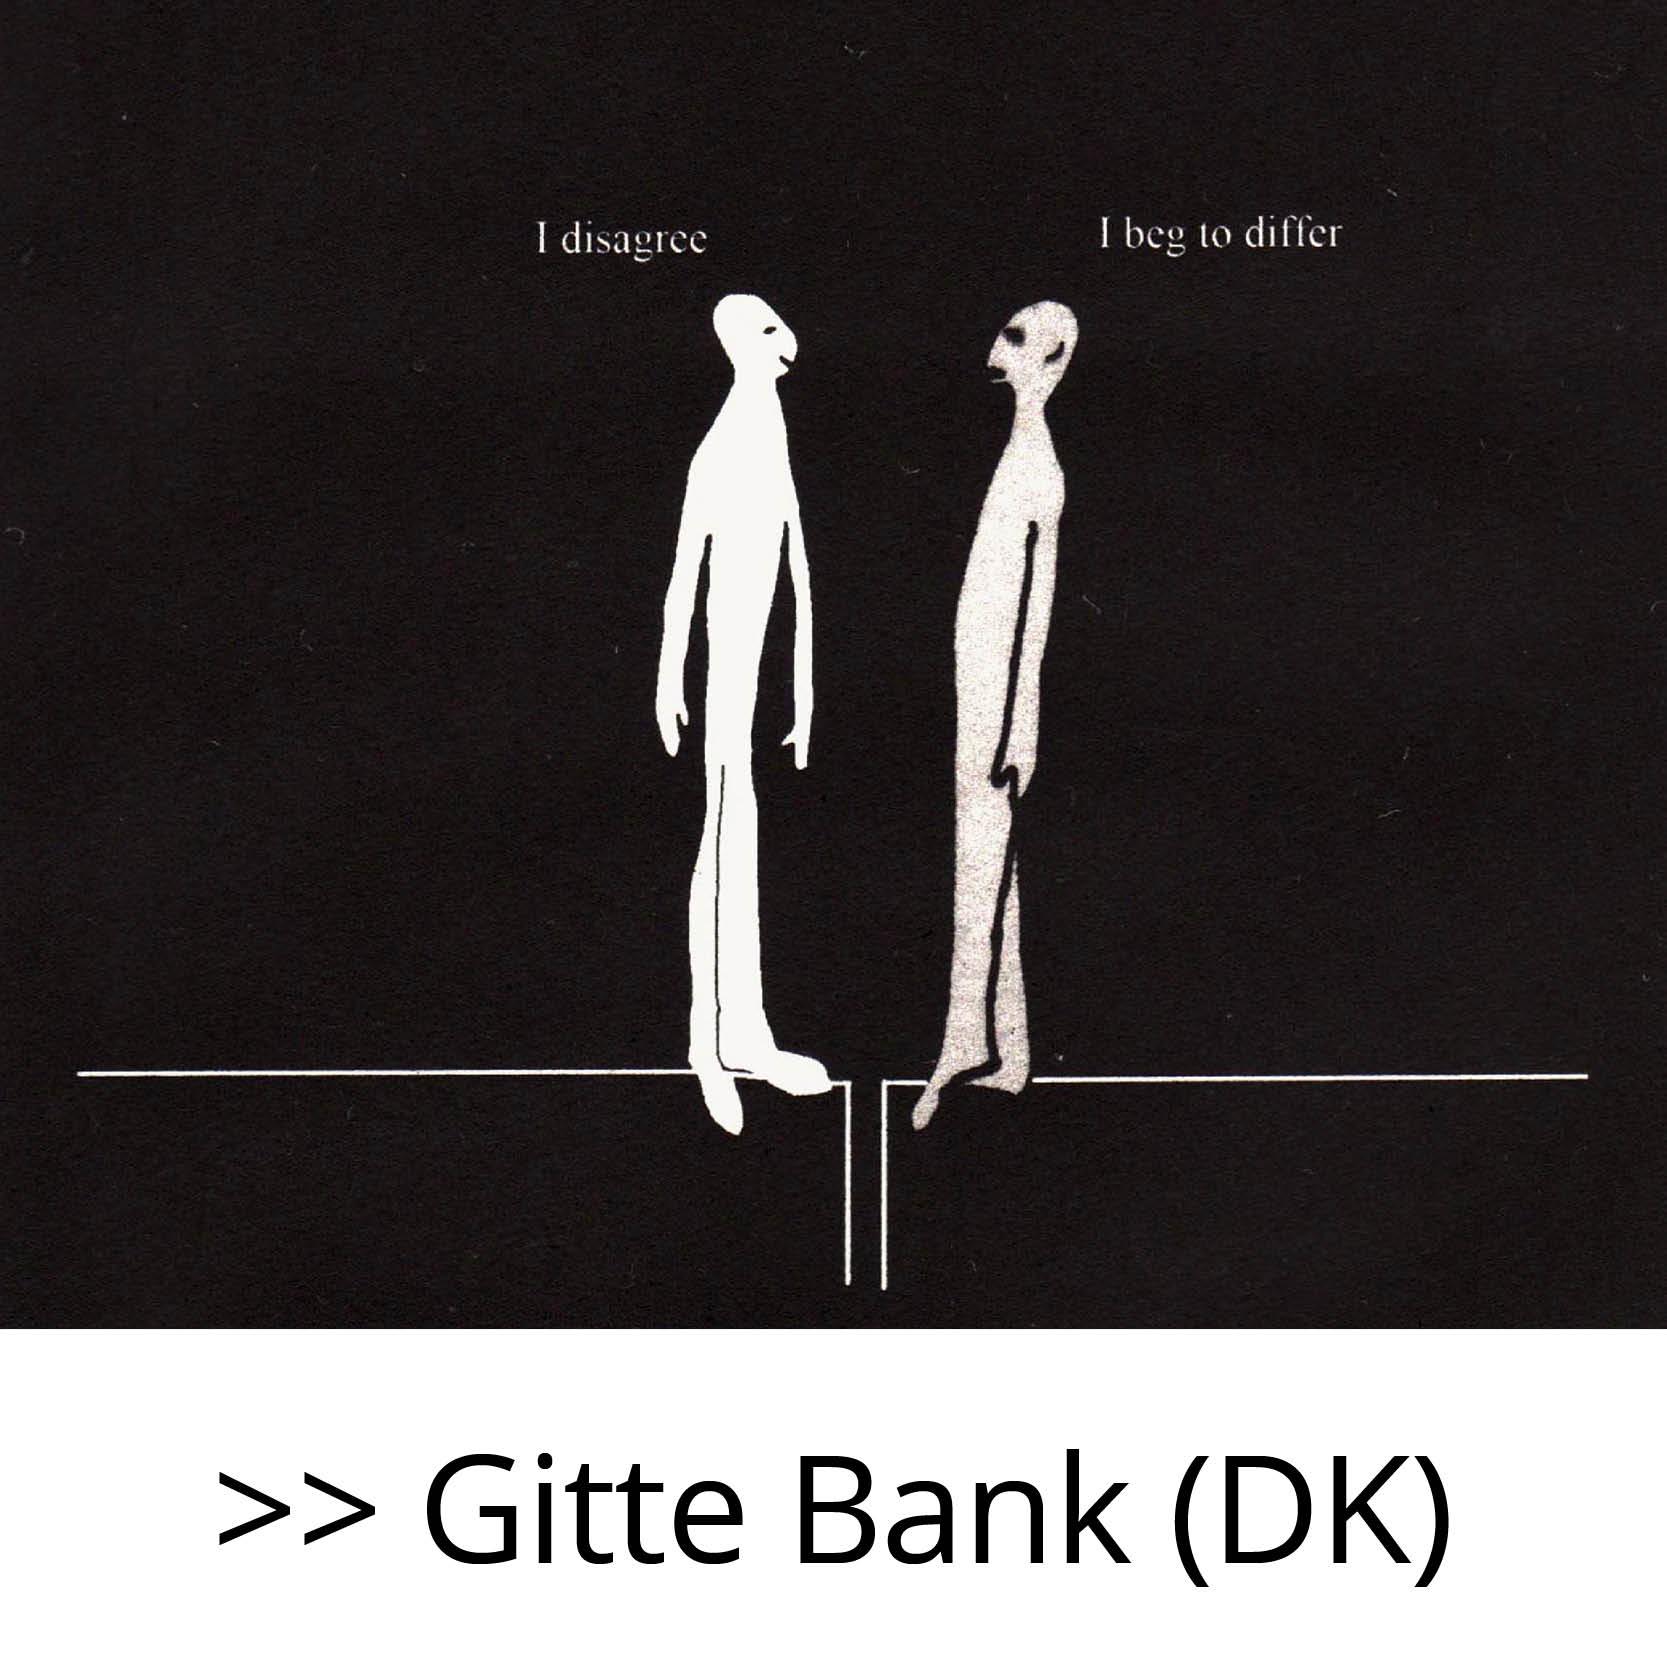 Gitte_Bank_(DK)